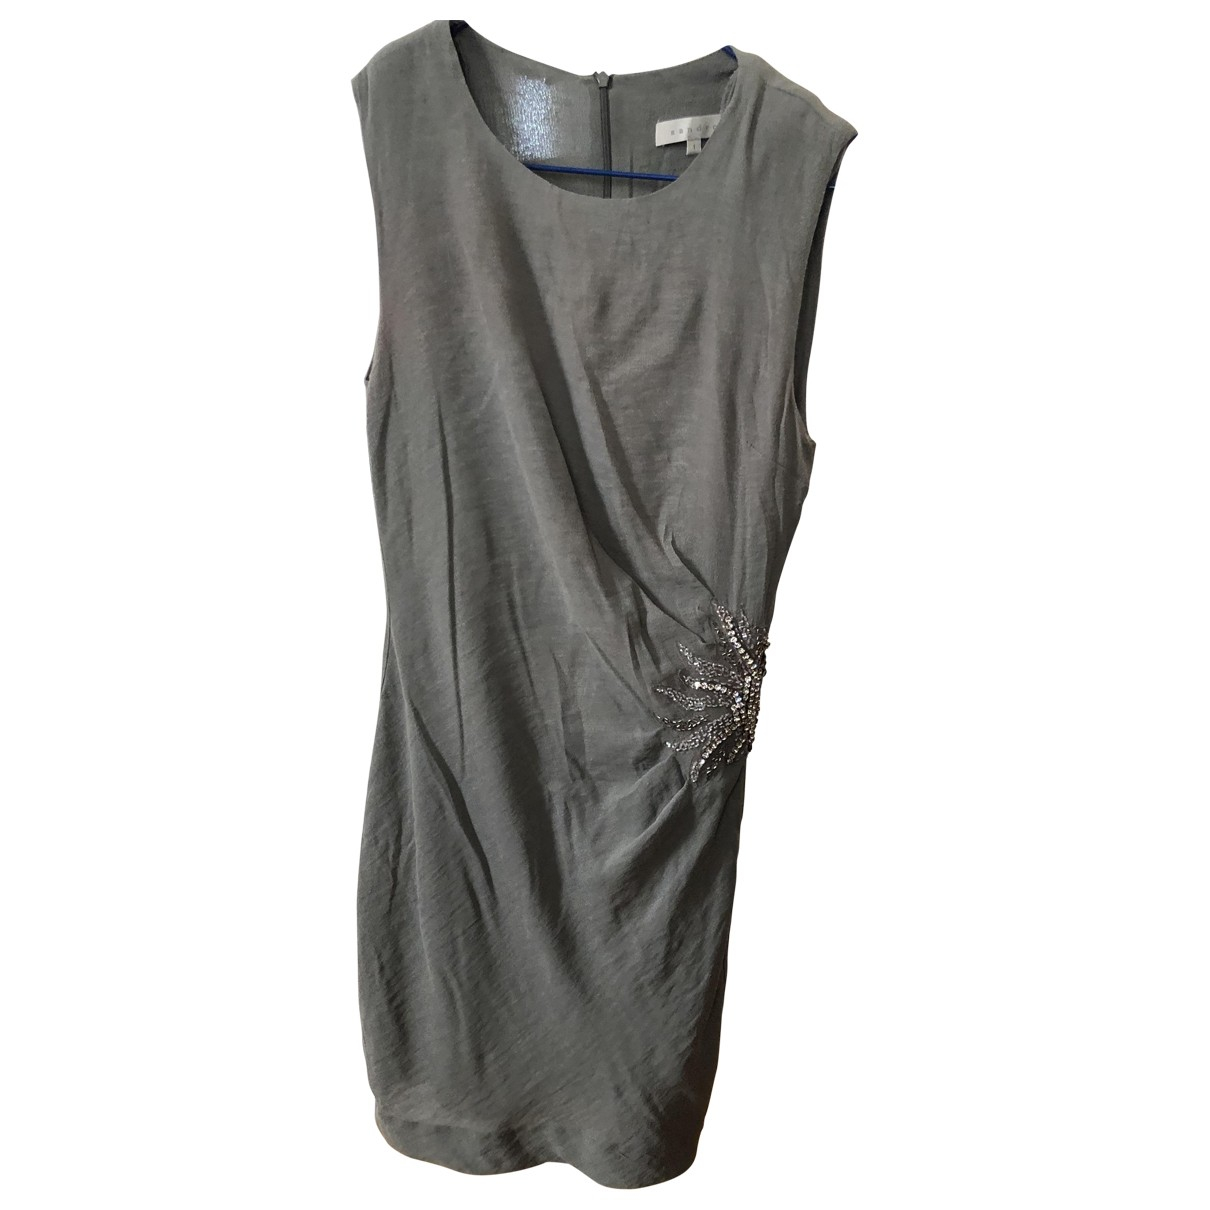 Sandro \N Khaki dress for Women 36 FR